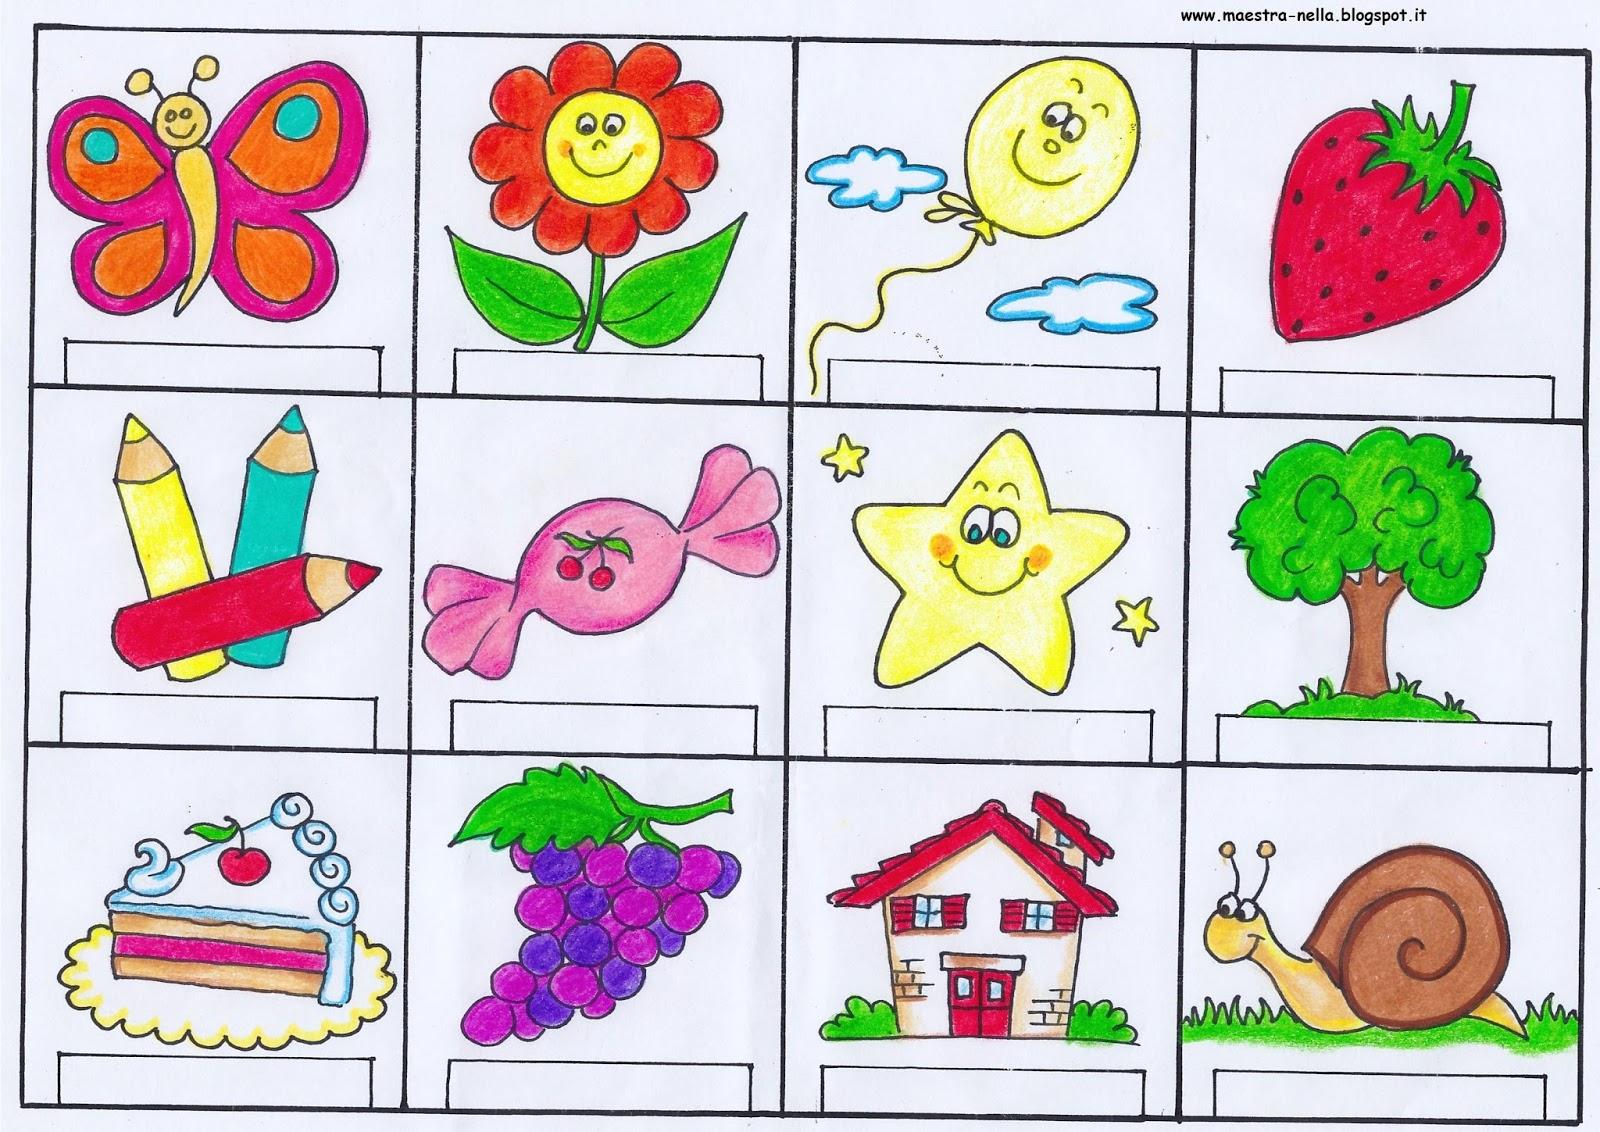 Maestra nella contrassegni for Idee per l accoglienza nella scuola dell infanzia